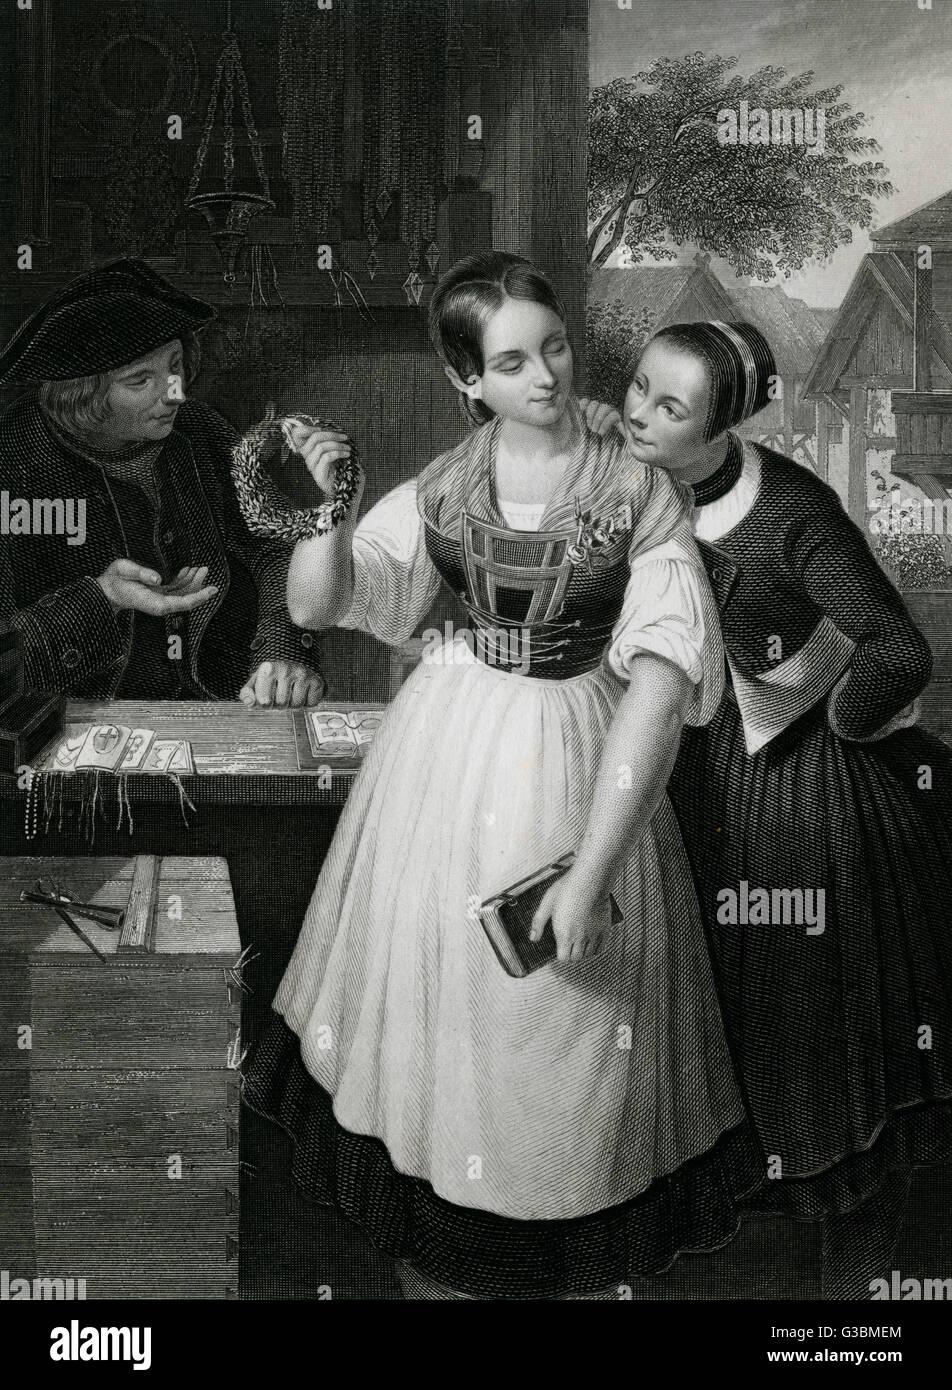 Une country girl achète une couronne nuptiale. Date: début du 19ème siècle Photo Stock